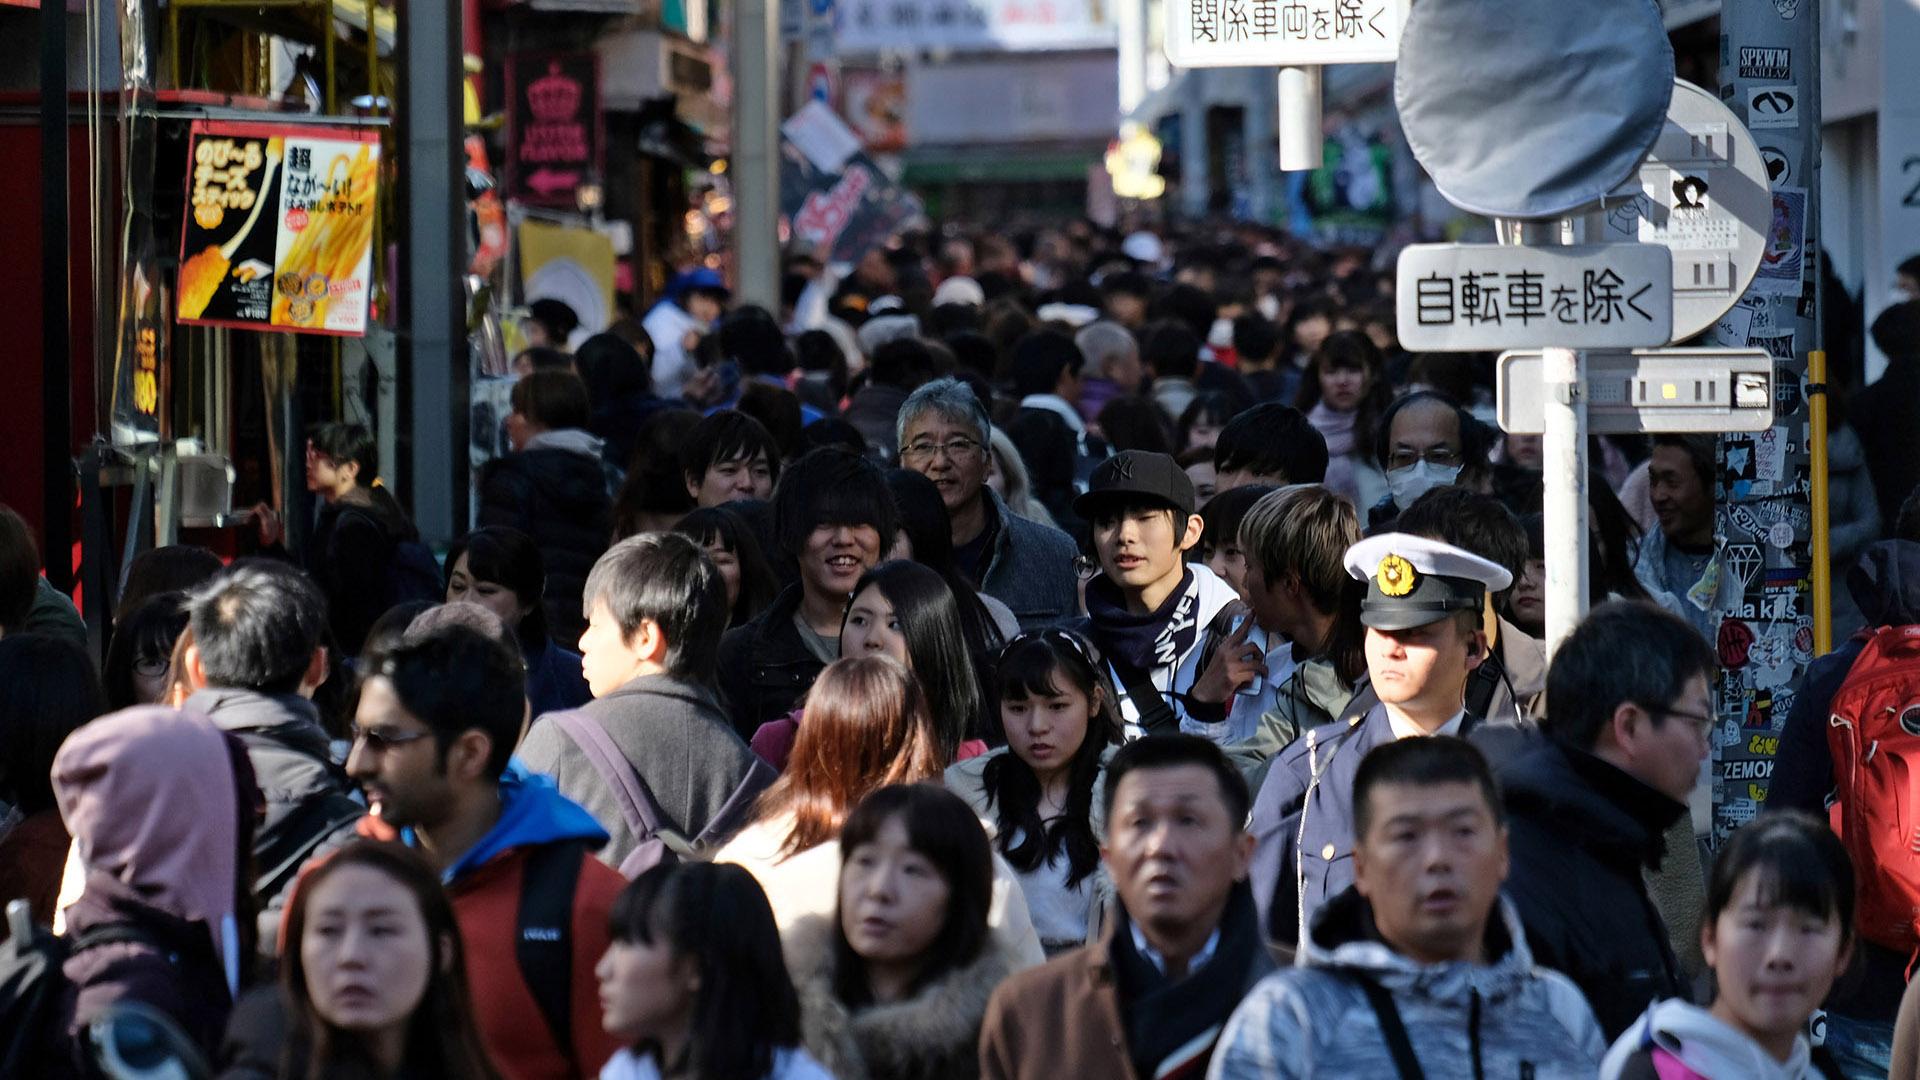 En la cima del podio: Japón, un país con bajos índices de criminalidad, alta oferta cultural y de aventura gracias a su geografía (AFP)